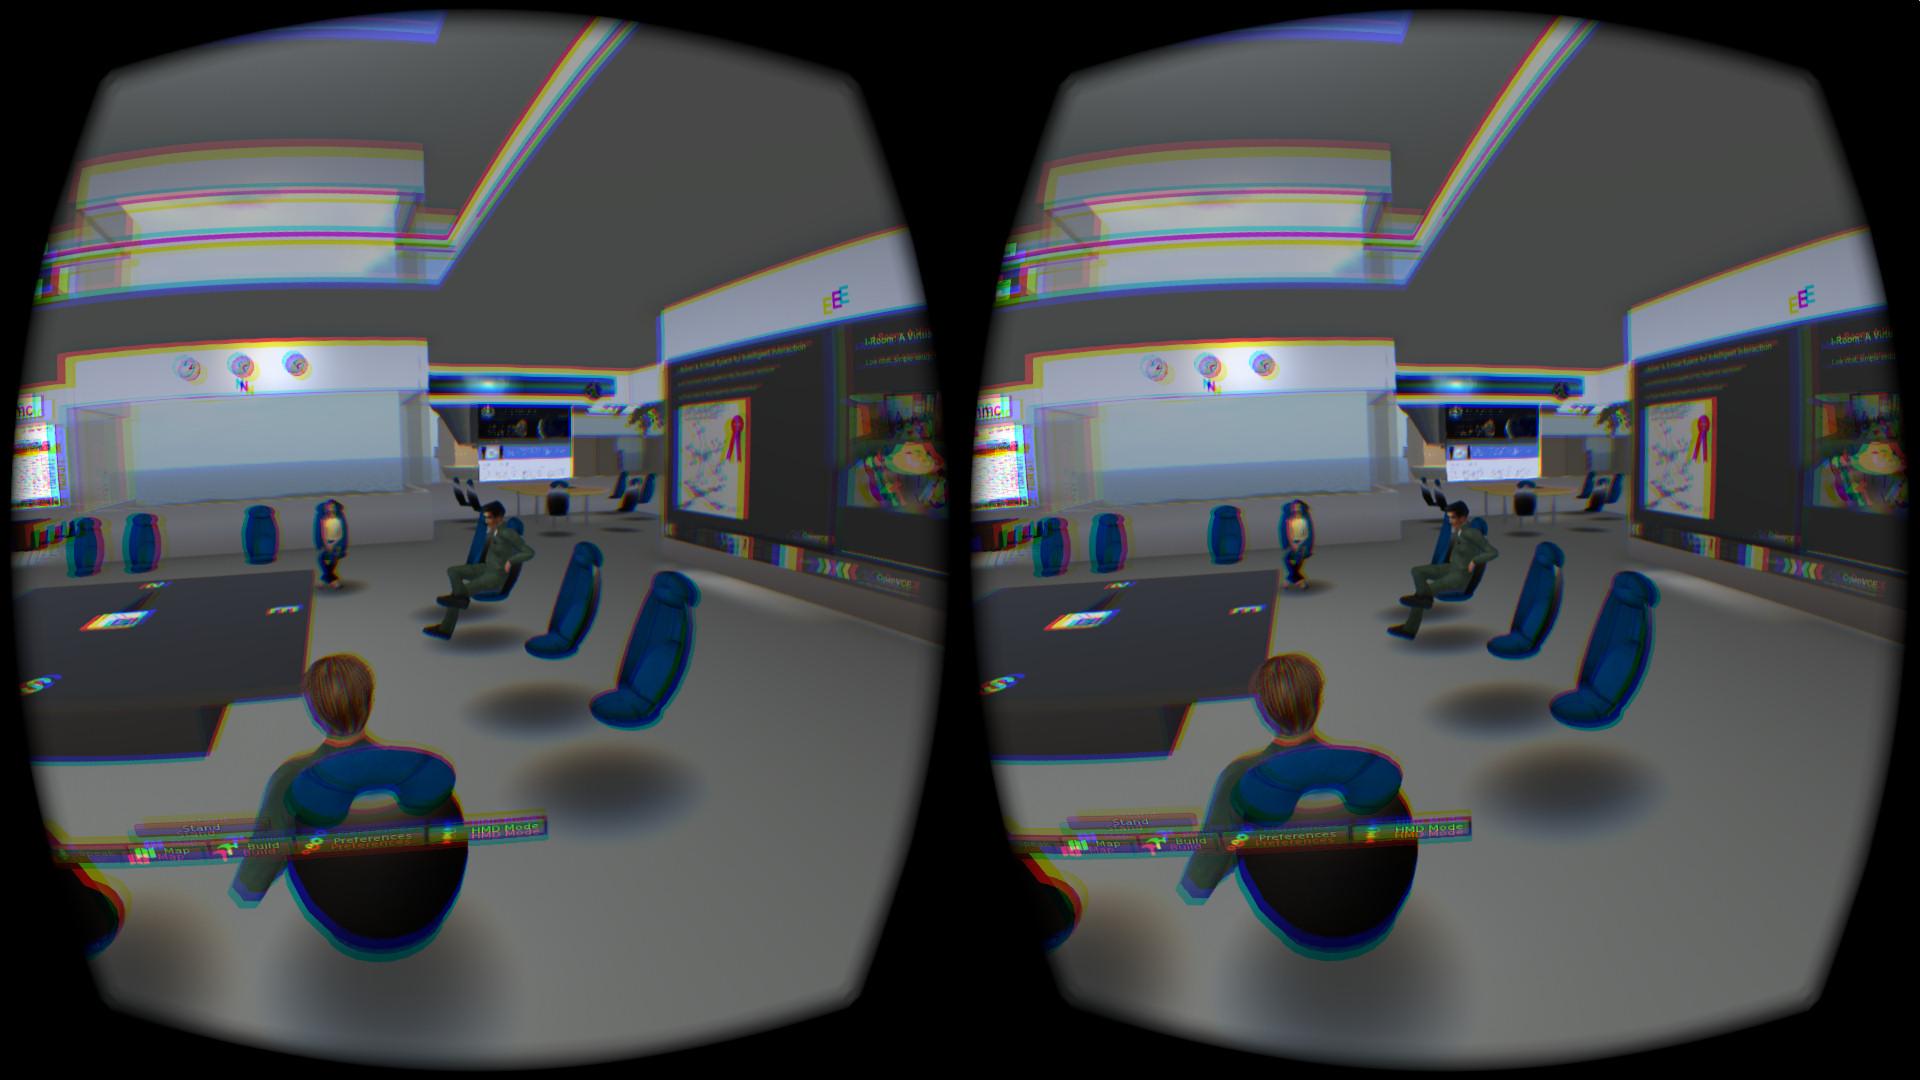 Oculus Rift Dk2 Second Life Viewers Austin Tate S Blog